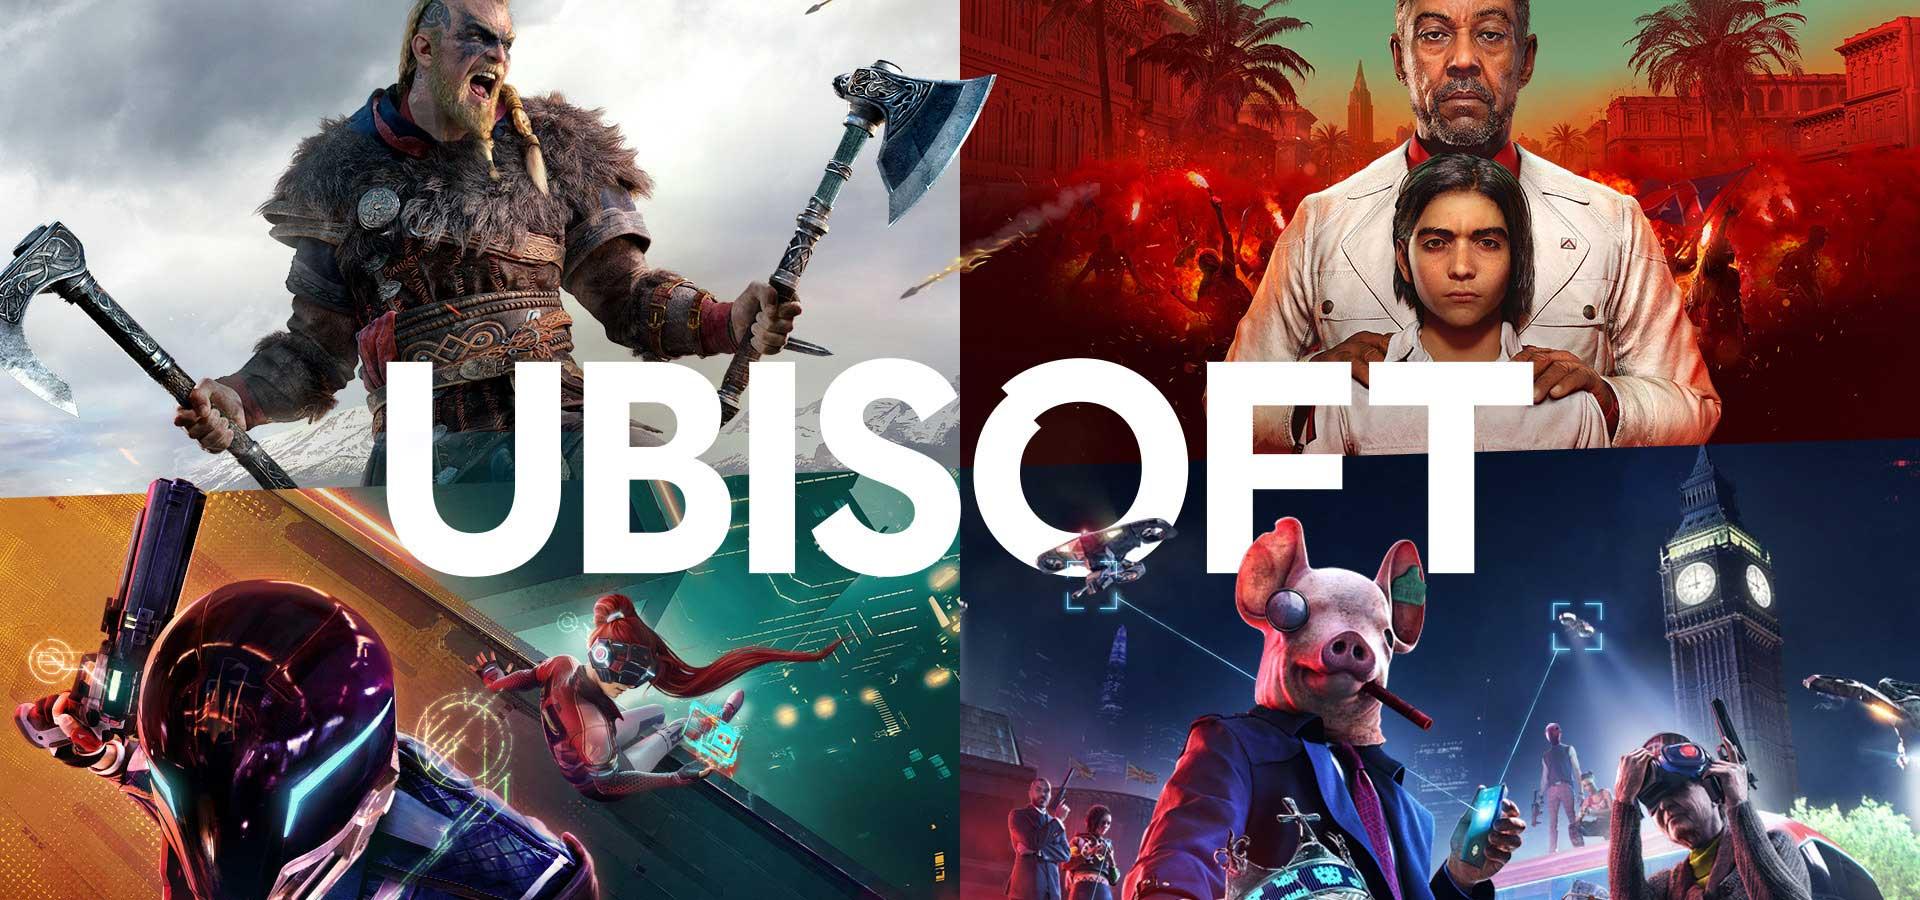 Ce qu'il faut retenir du Ubisoft Forward du 12 juillet 2020